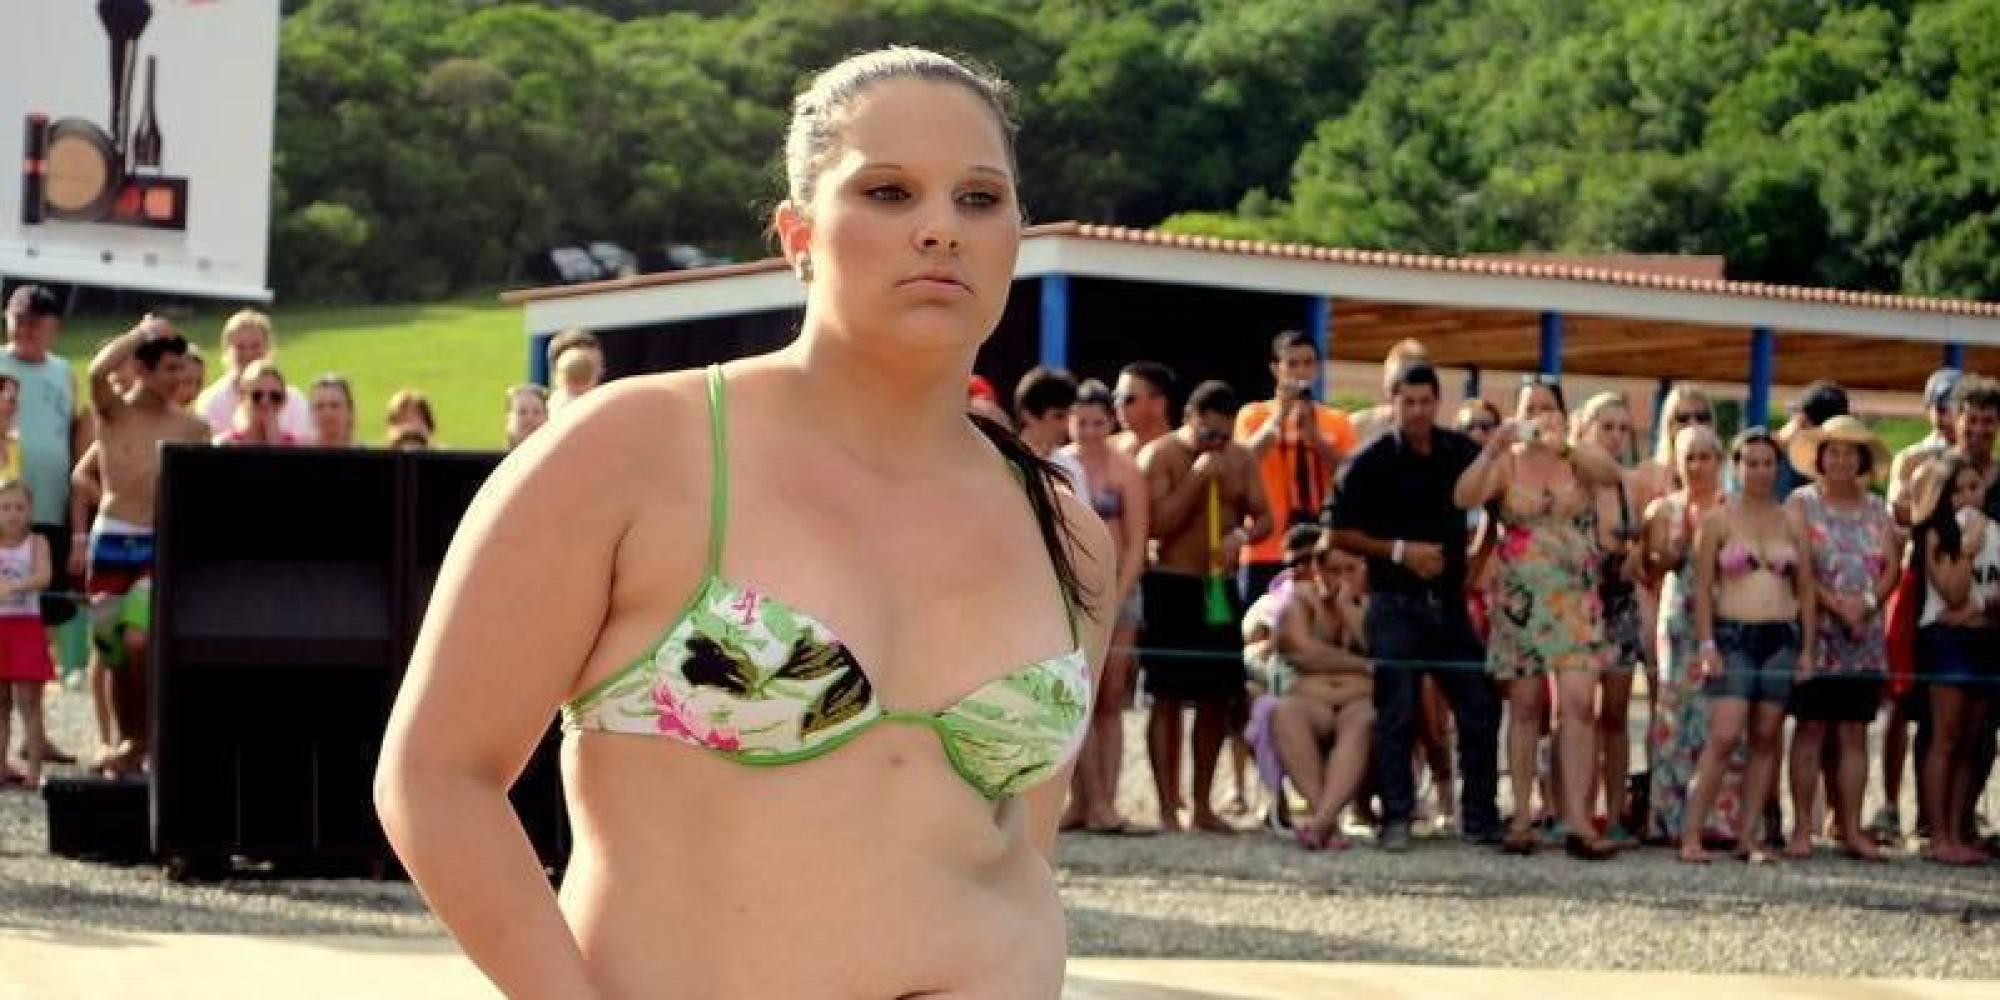 Adolescente 'fora do padrão' entra em concurso de beleza e ARRASA! - Brasil Post